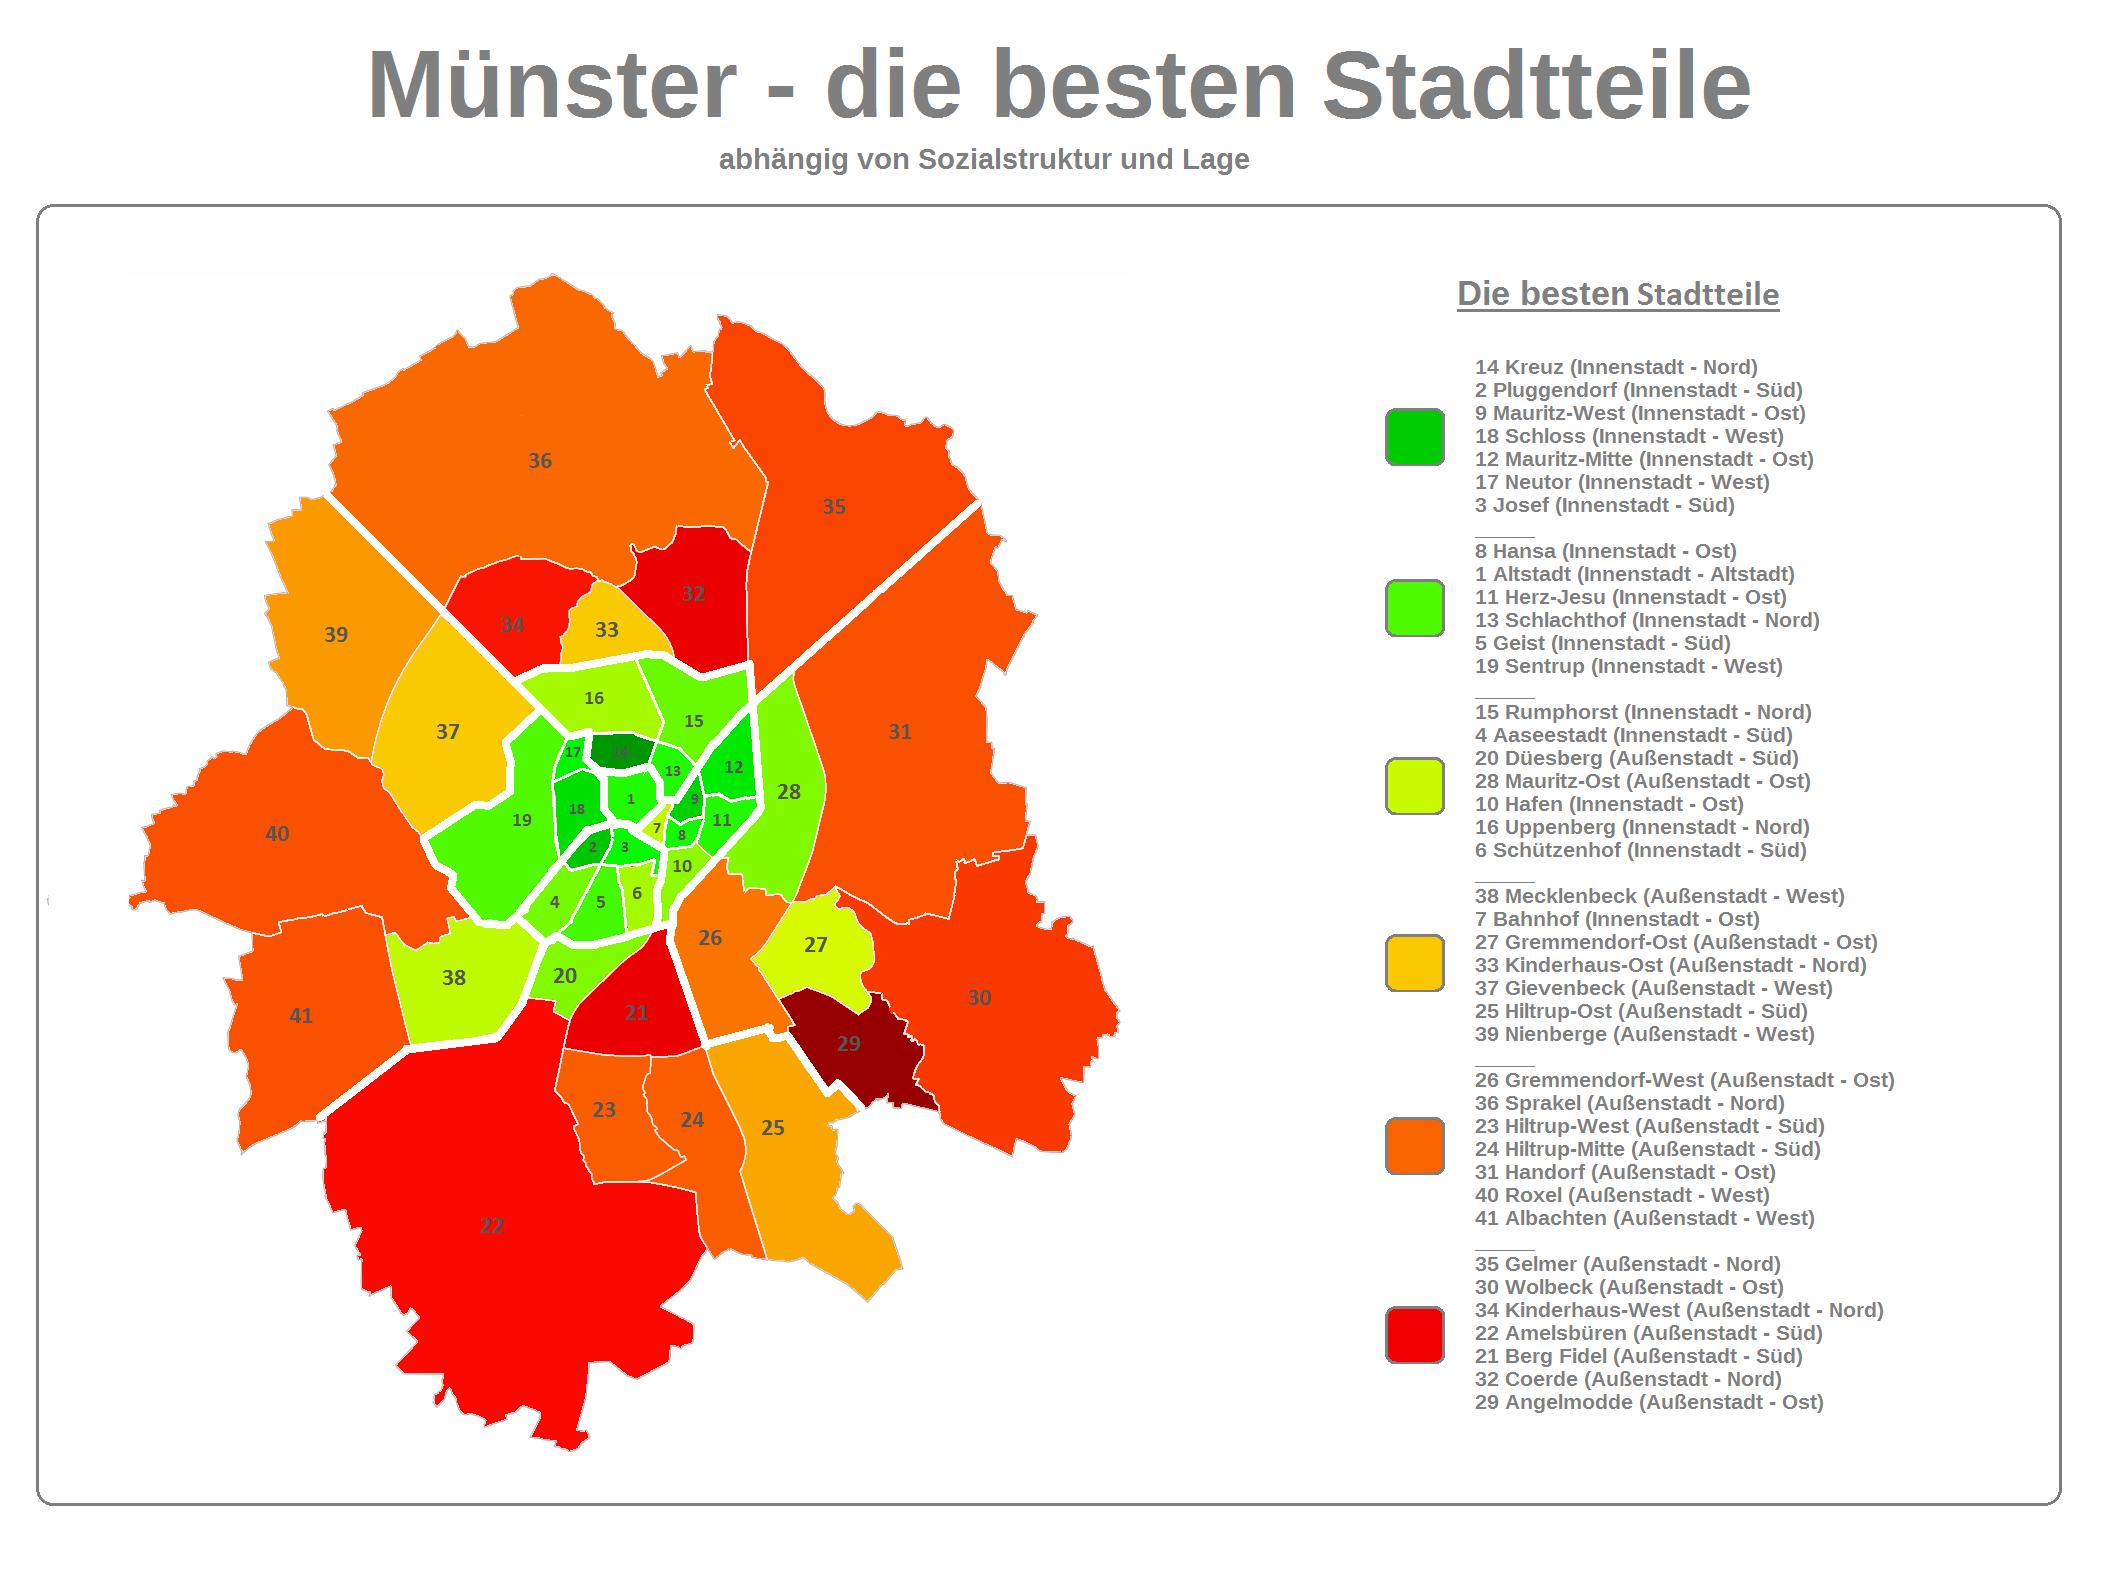 Design El Mã¼Nster | Munster Die Besten Stadtteile Stadtviertel Wohnlagen